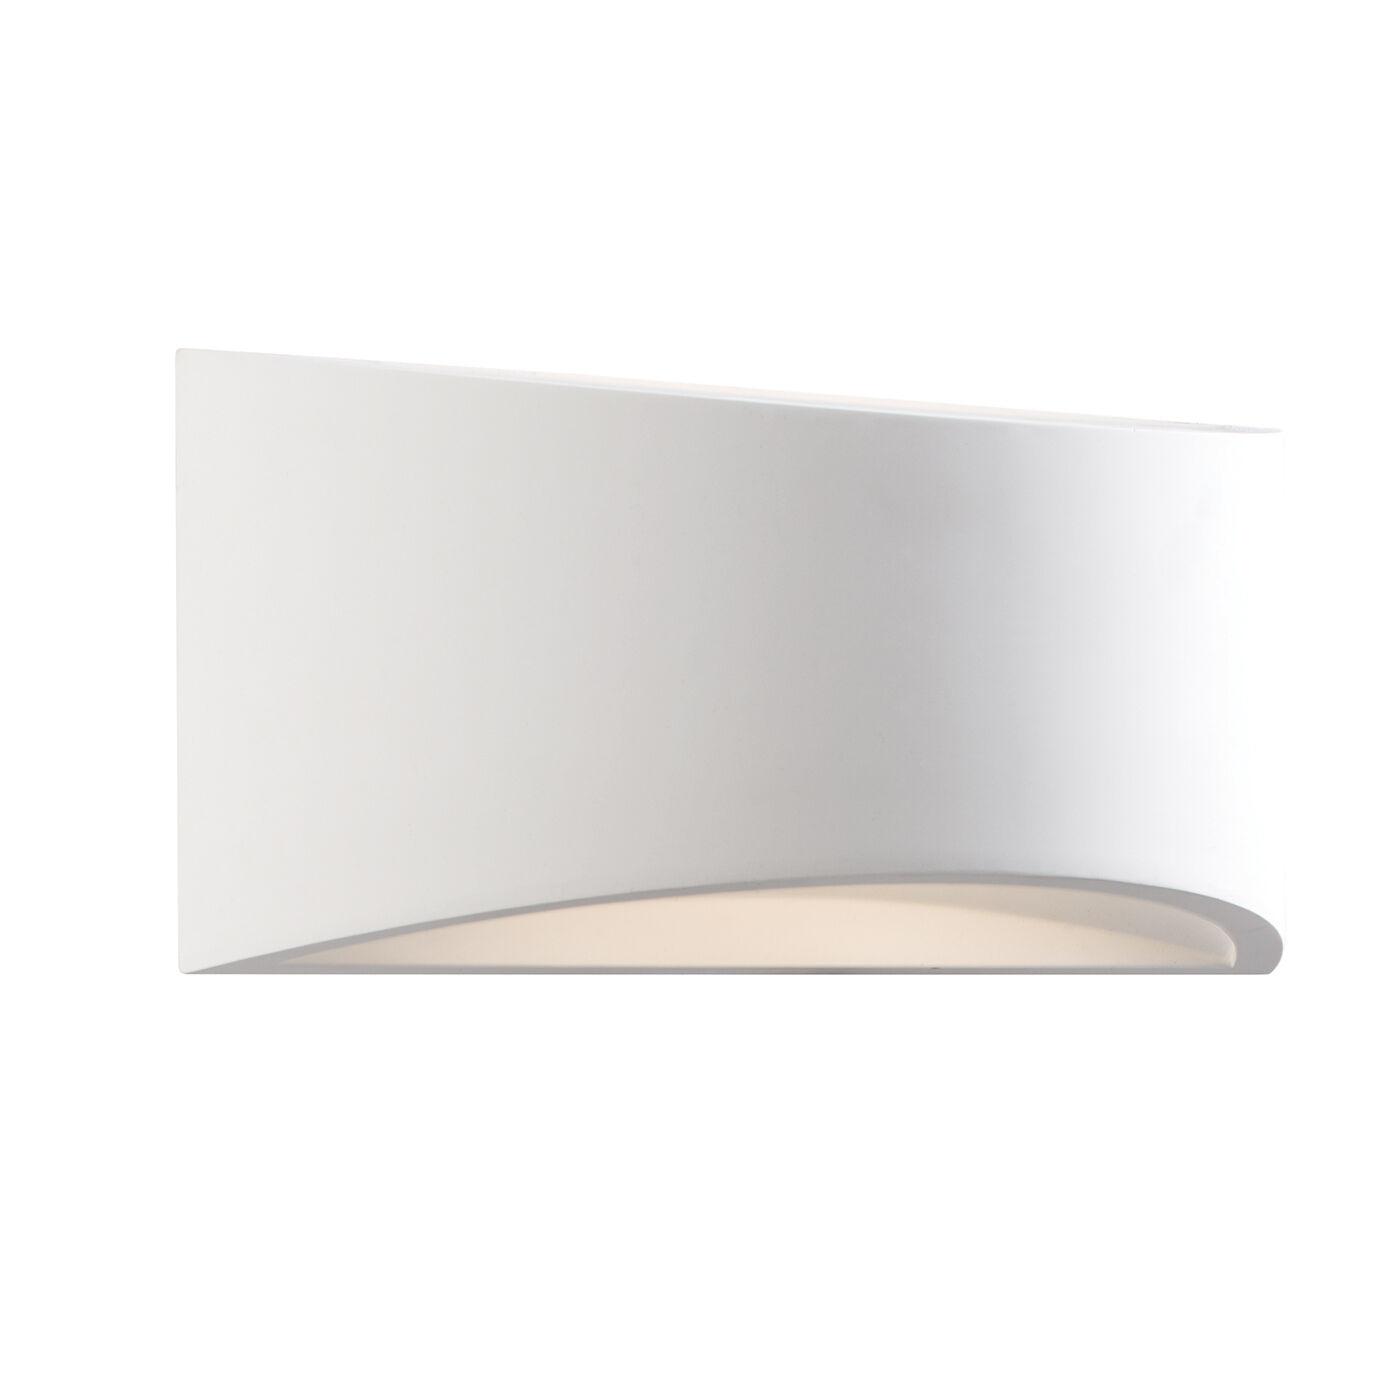 liberée Toko 1 Blanc Litre 300mm Lampe Murale 3W Blanc 1 plâtre 92af02